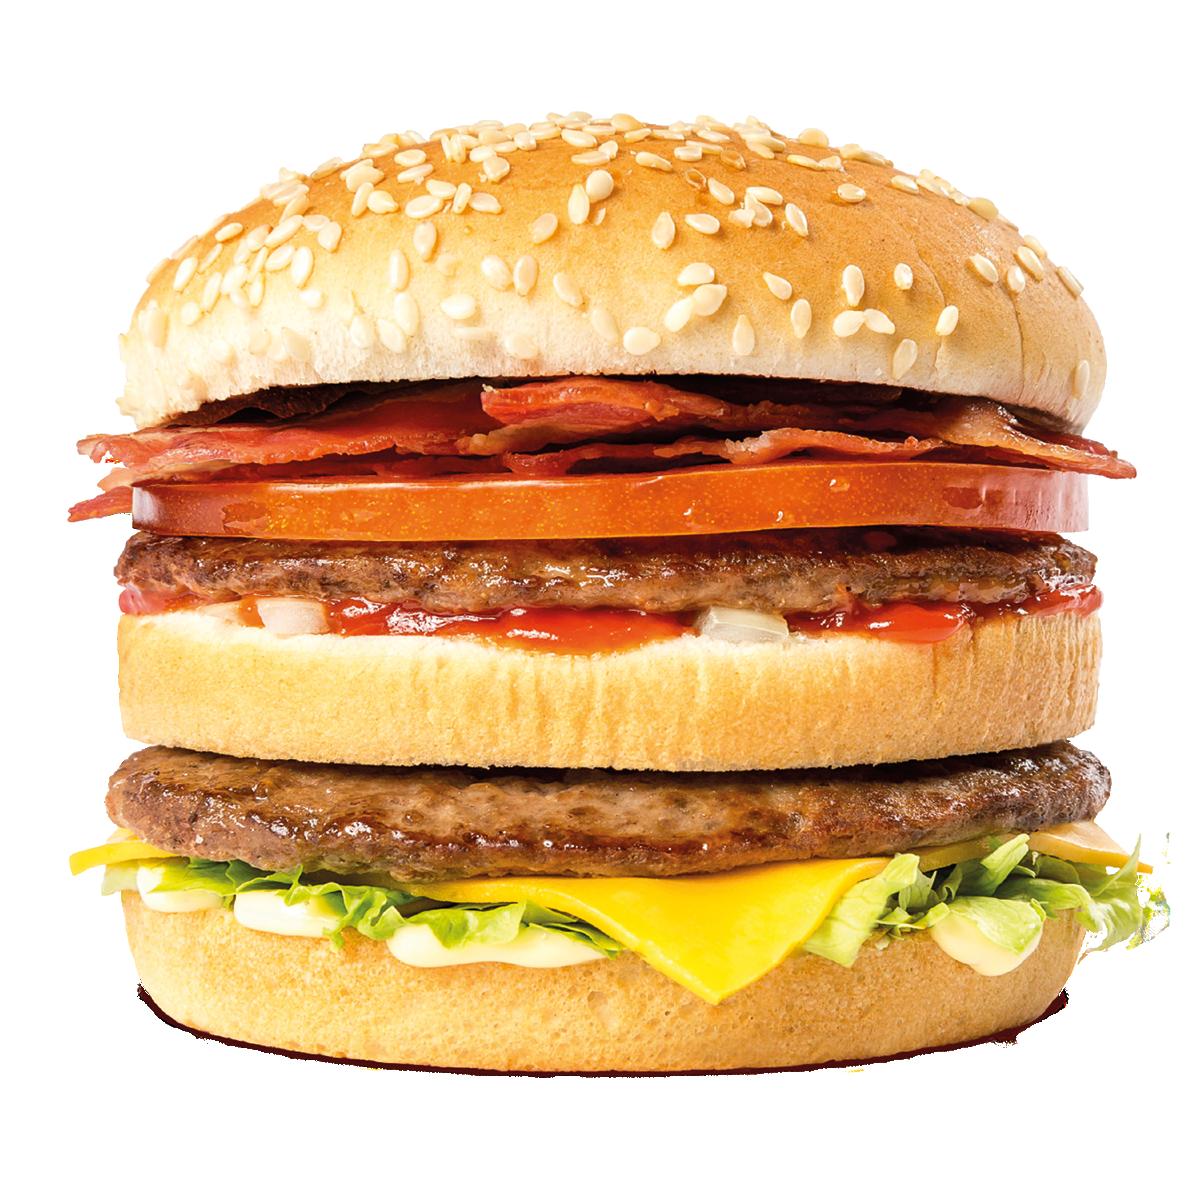 Hamburger Cheeseburger Whopper McDonald\'s Big Mac Bacon.